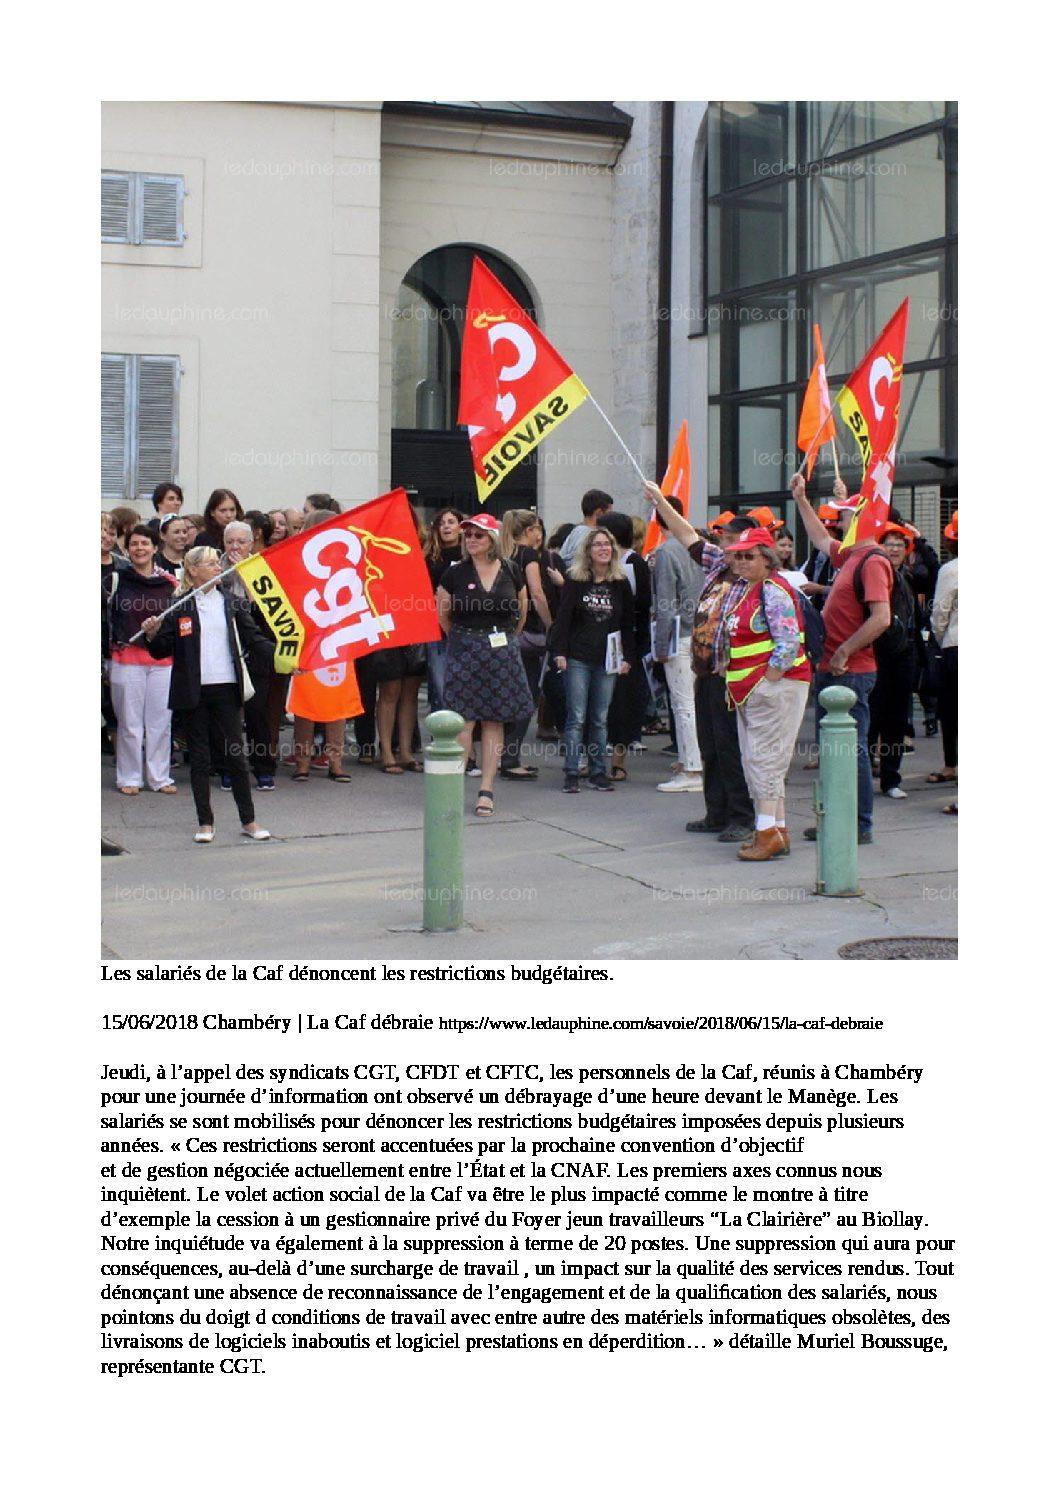 Les salariés de la CAF Savoie en action